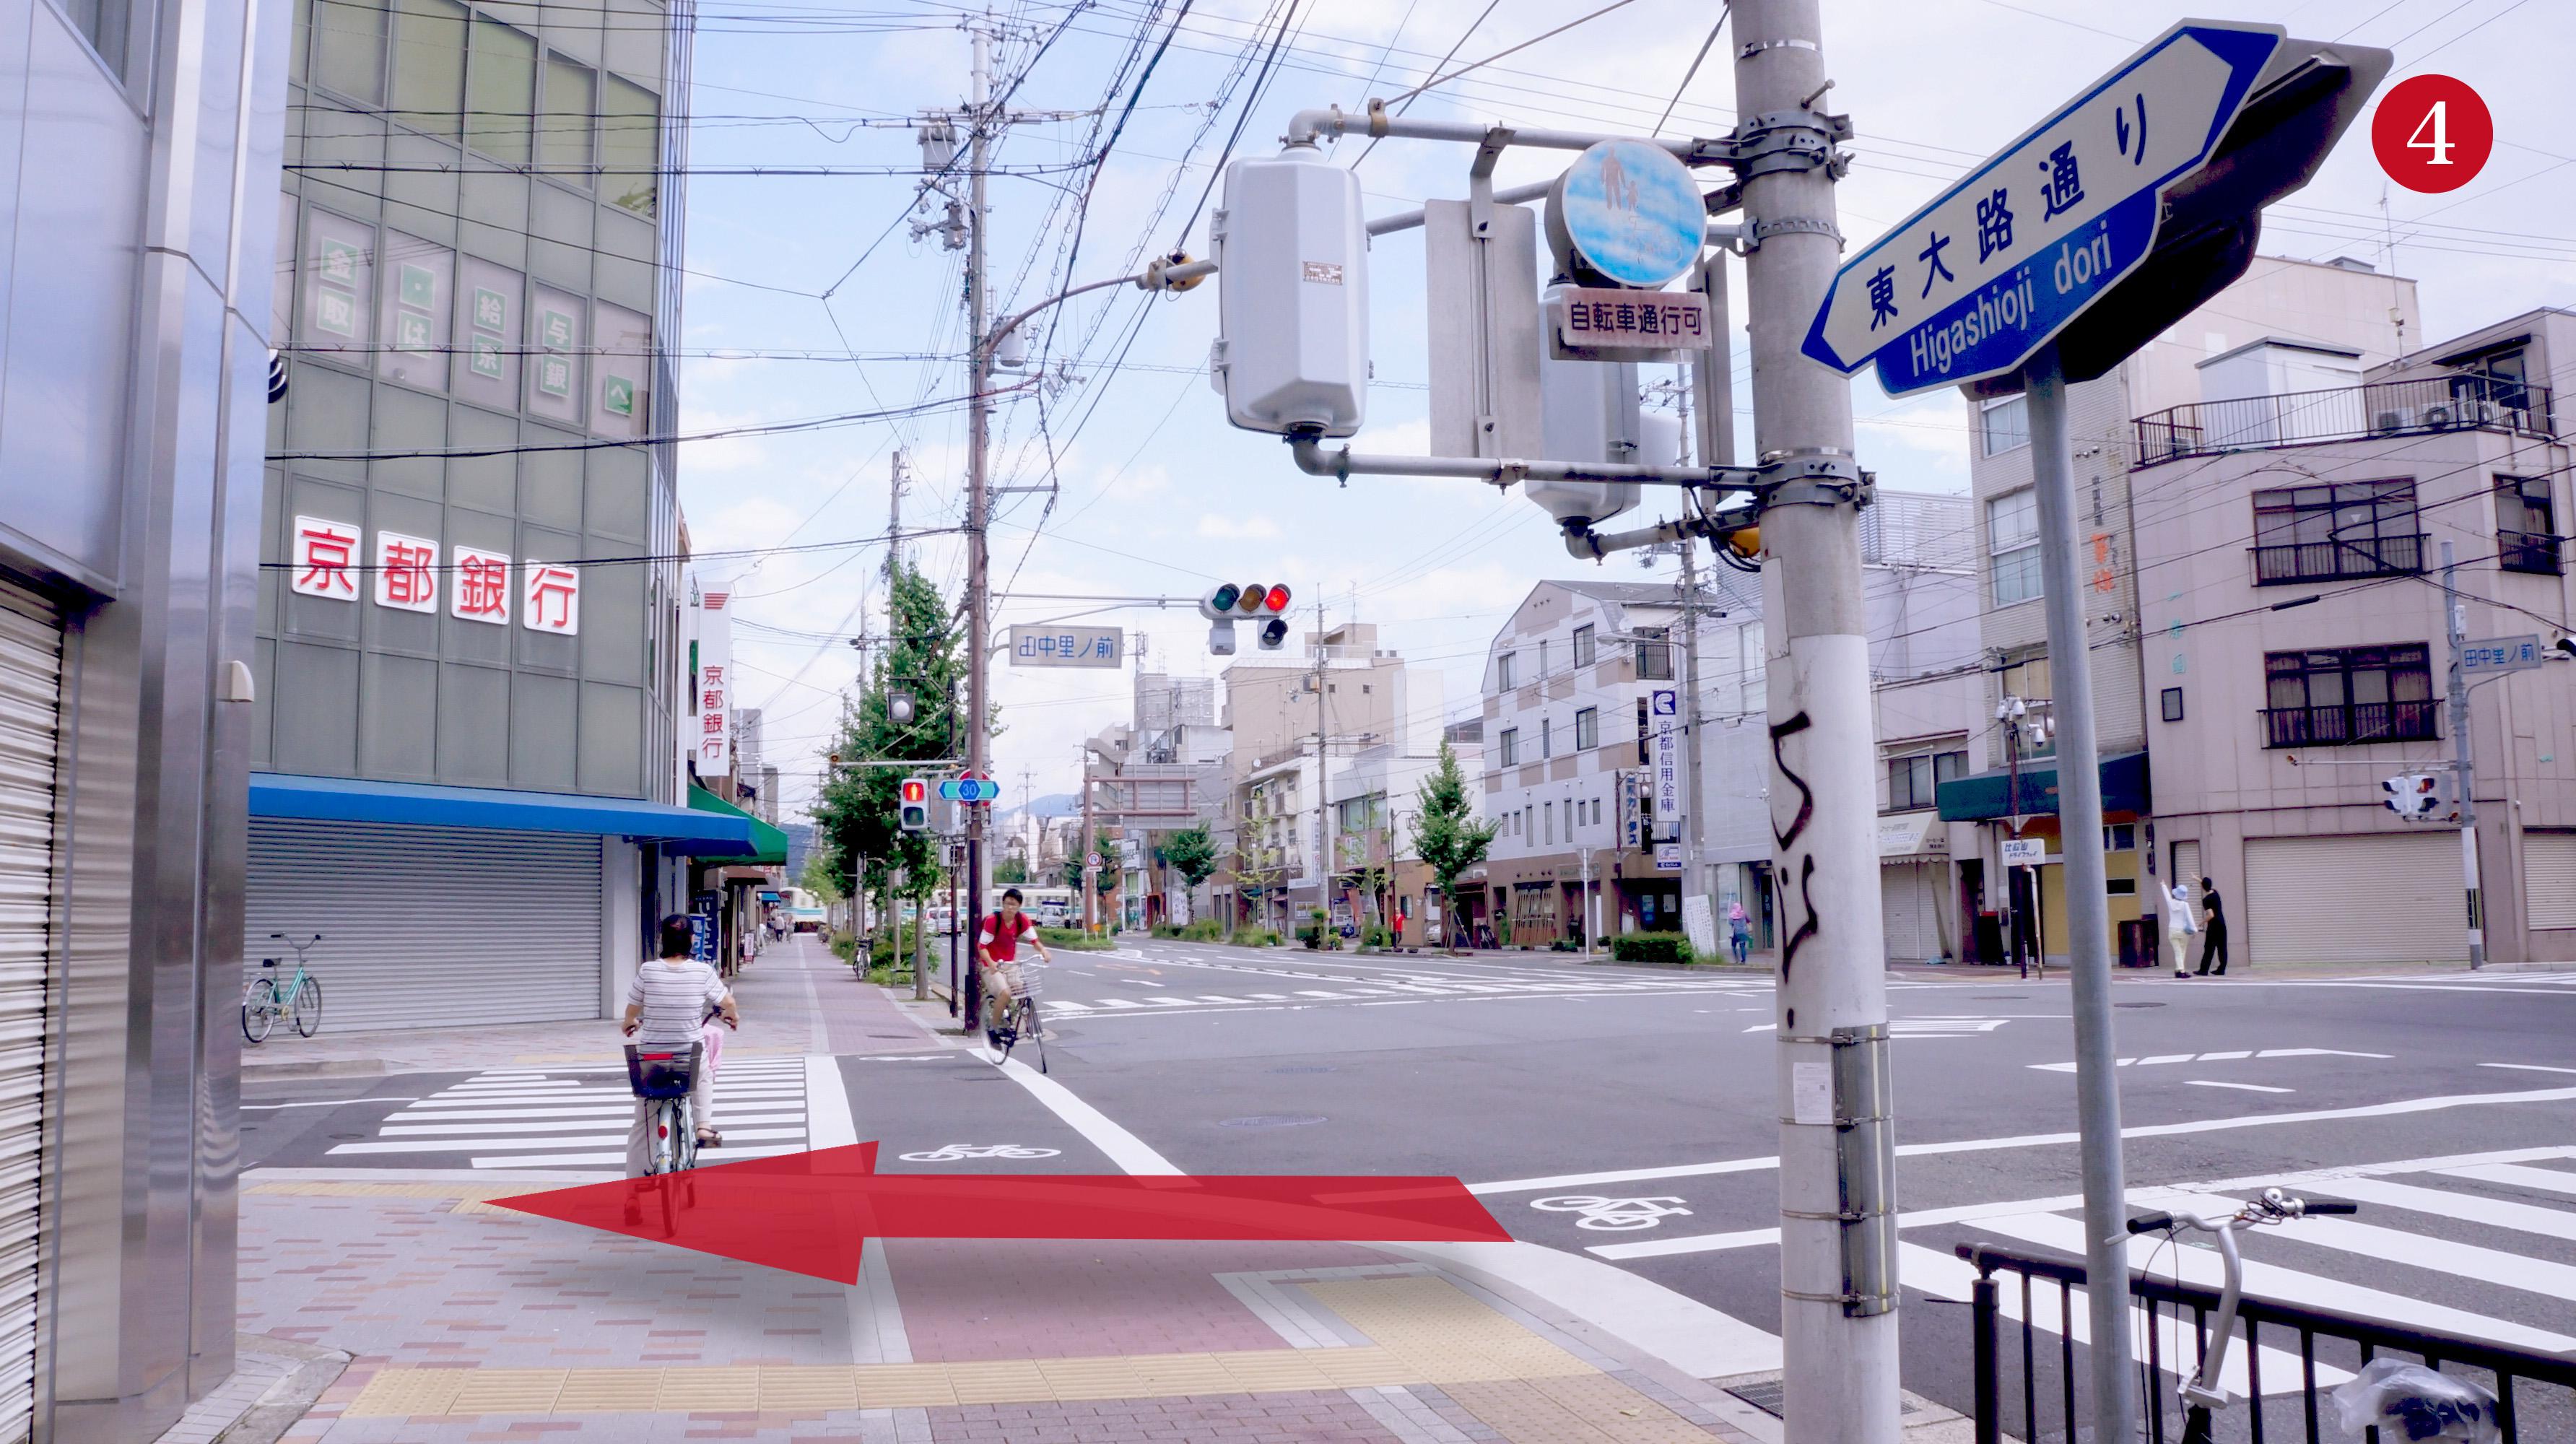 田中里ノ前交差点西側-京都銀行さん